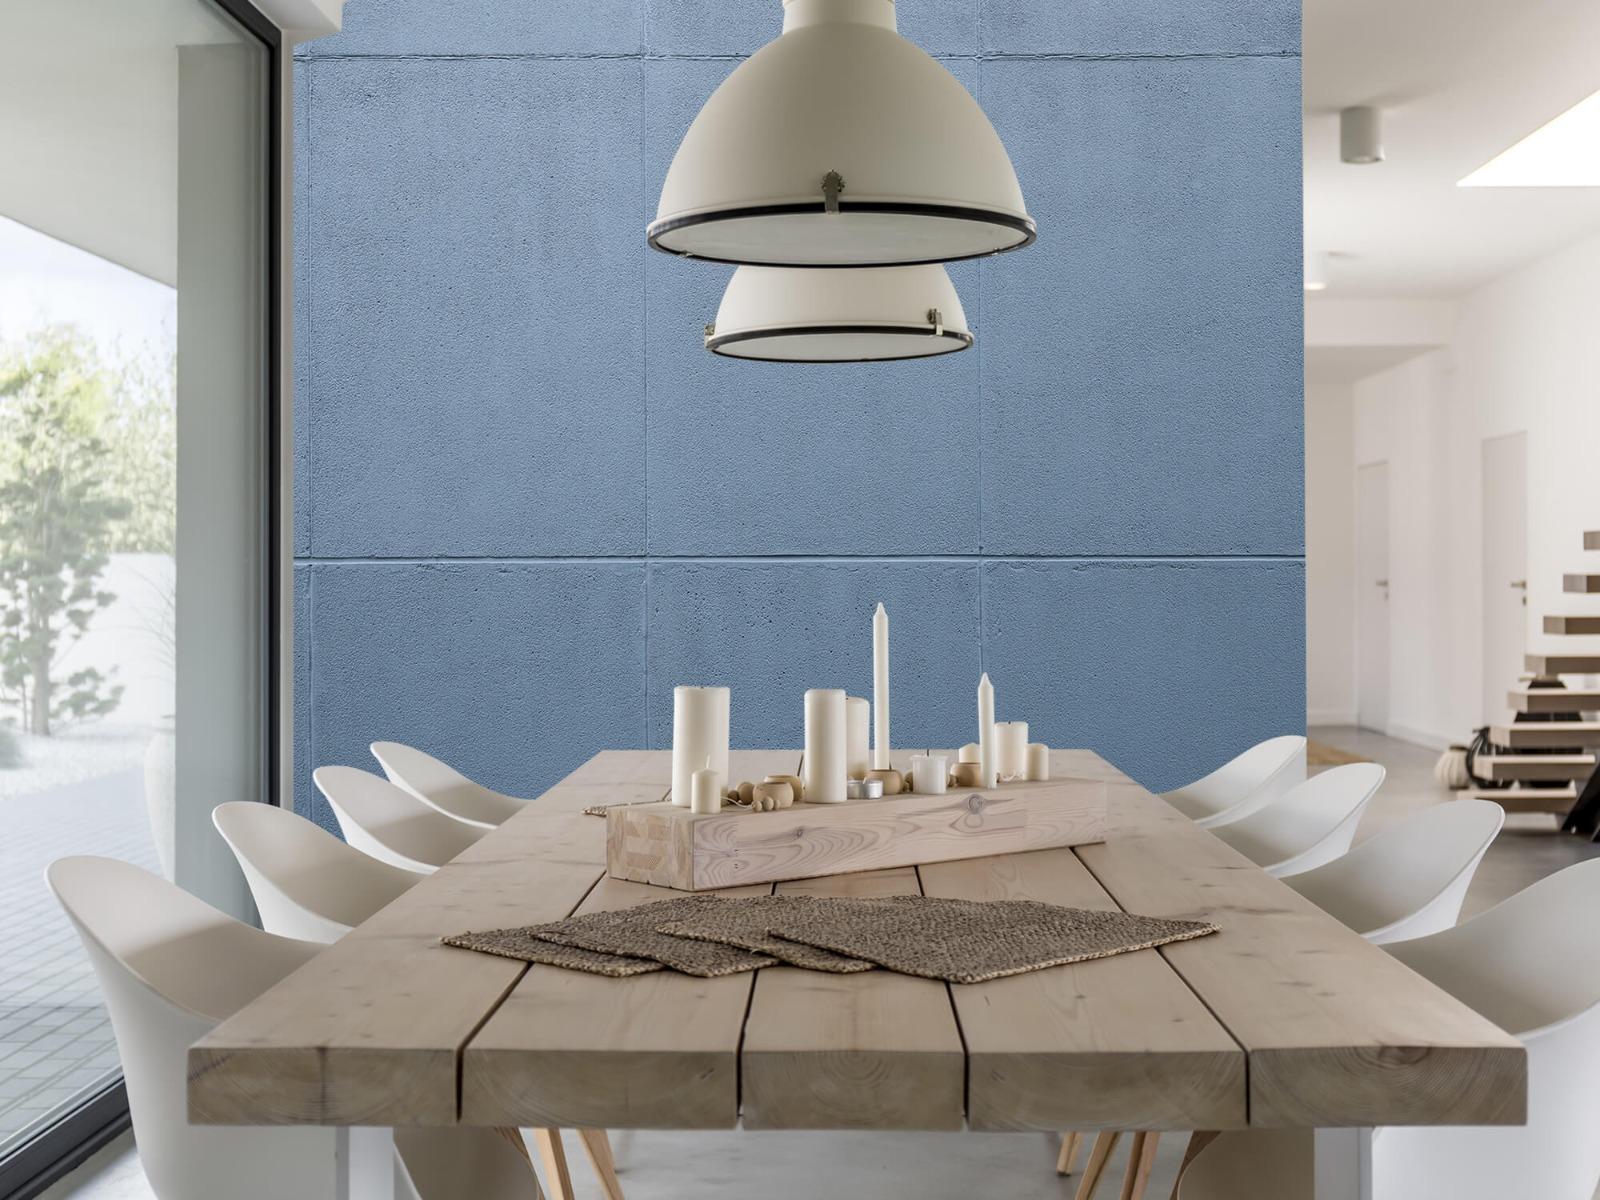 Betonlook behang - Geschilderde betonnen platen - Kantoor 7